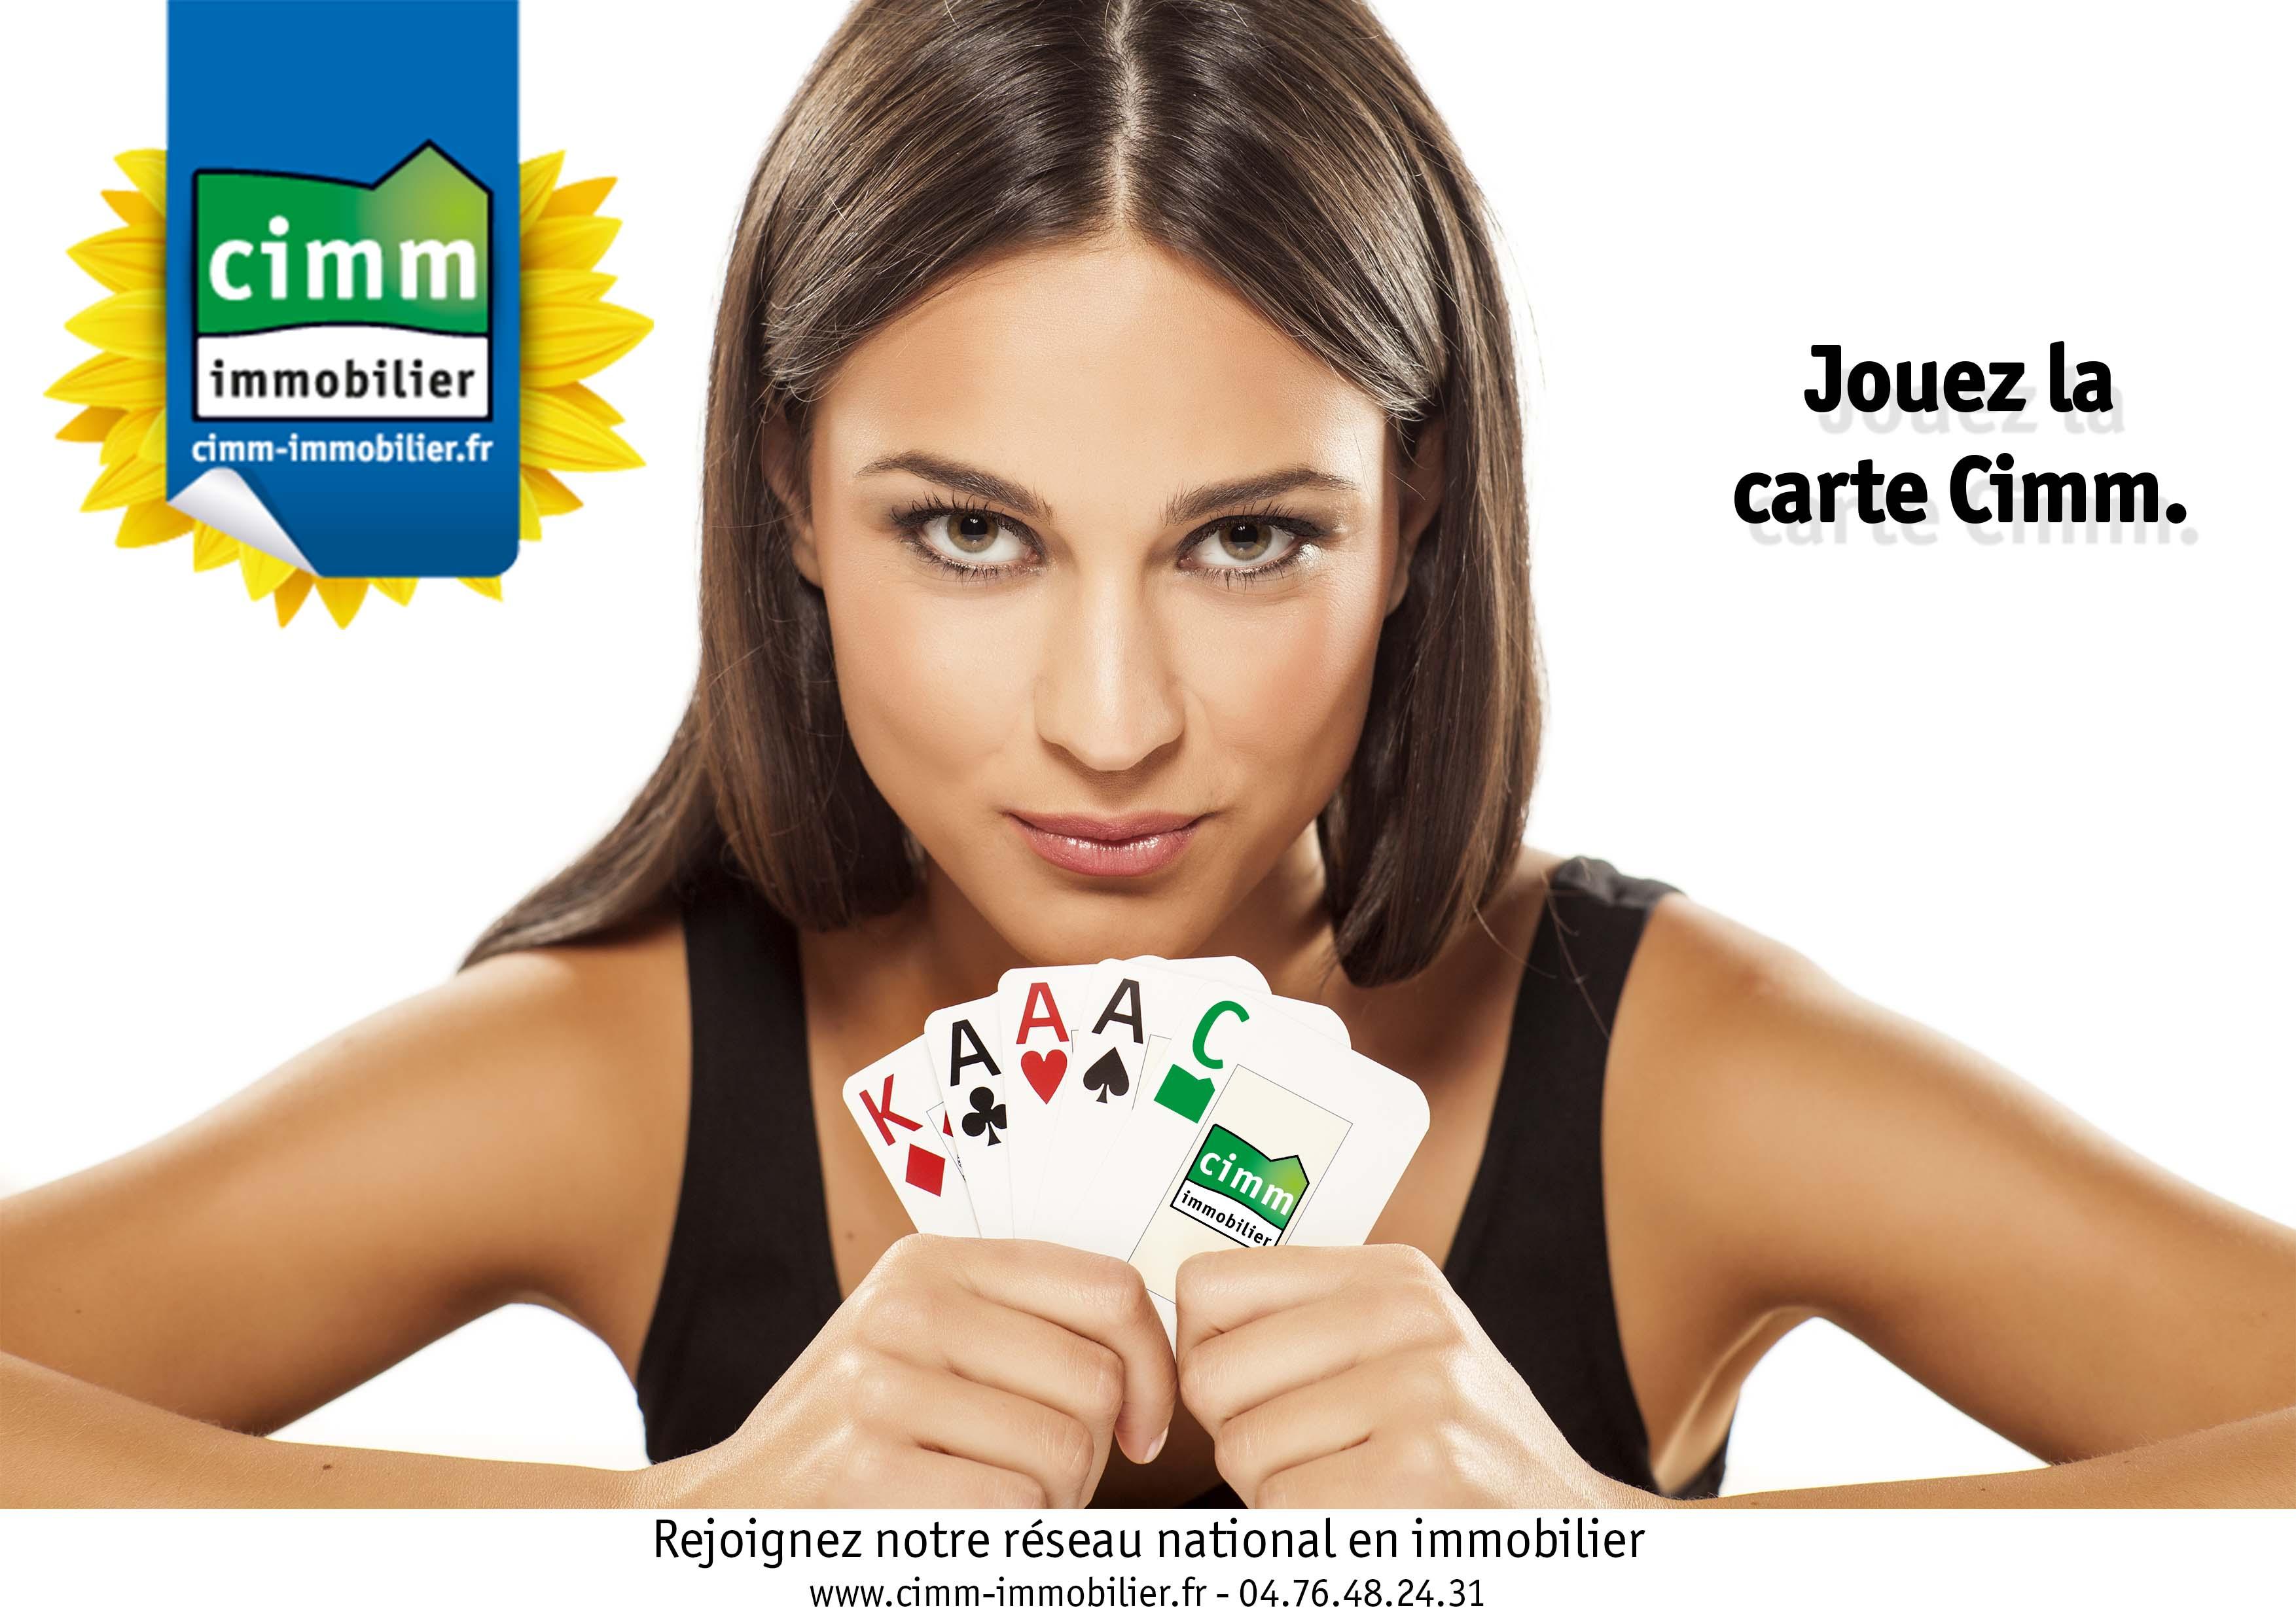 Jouez la carte Cimm Immobilier